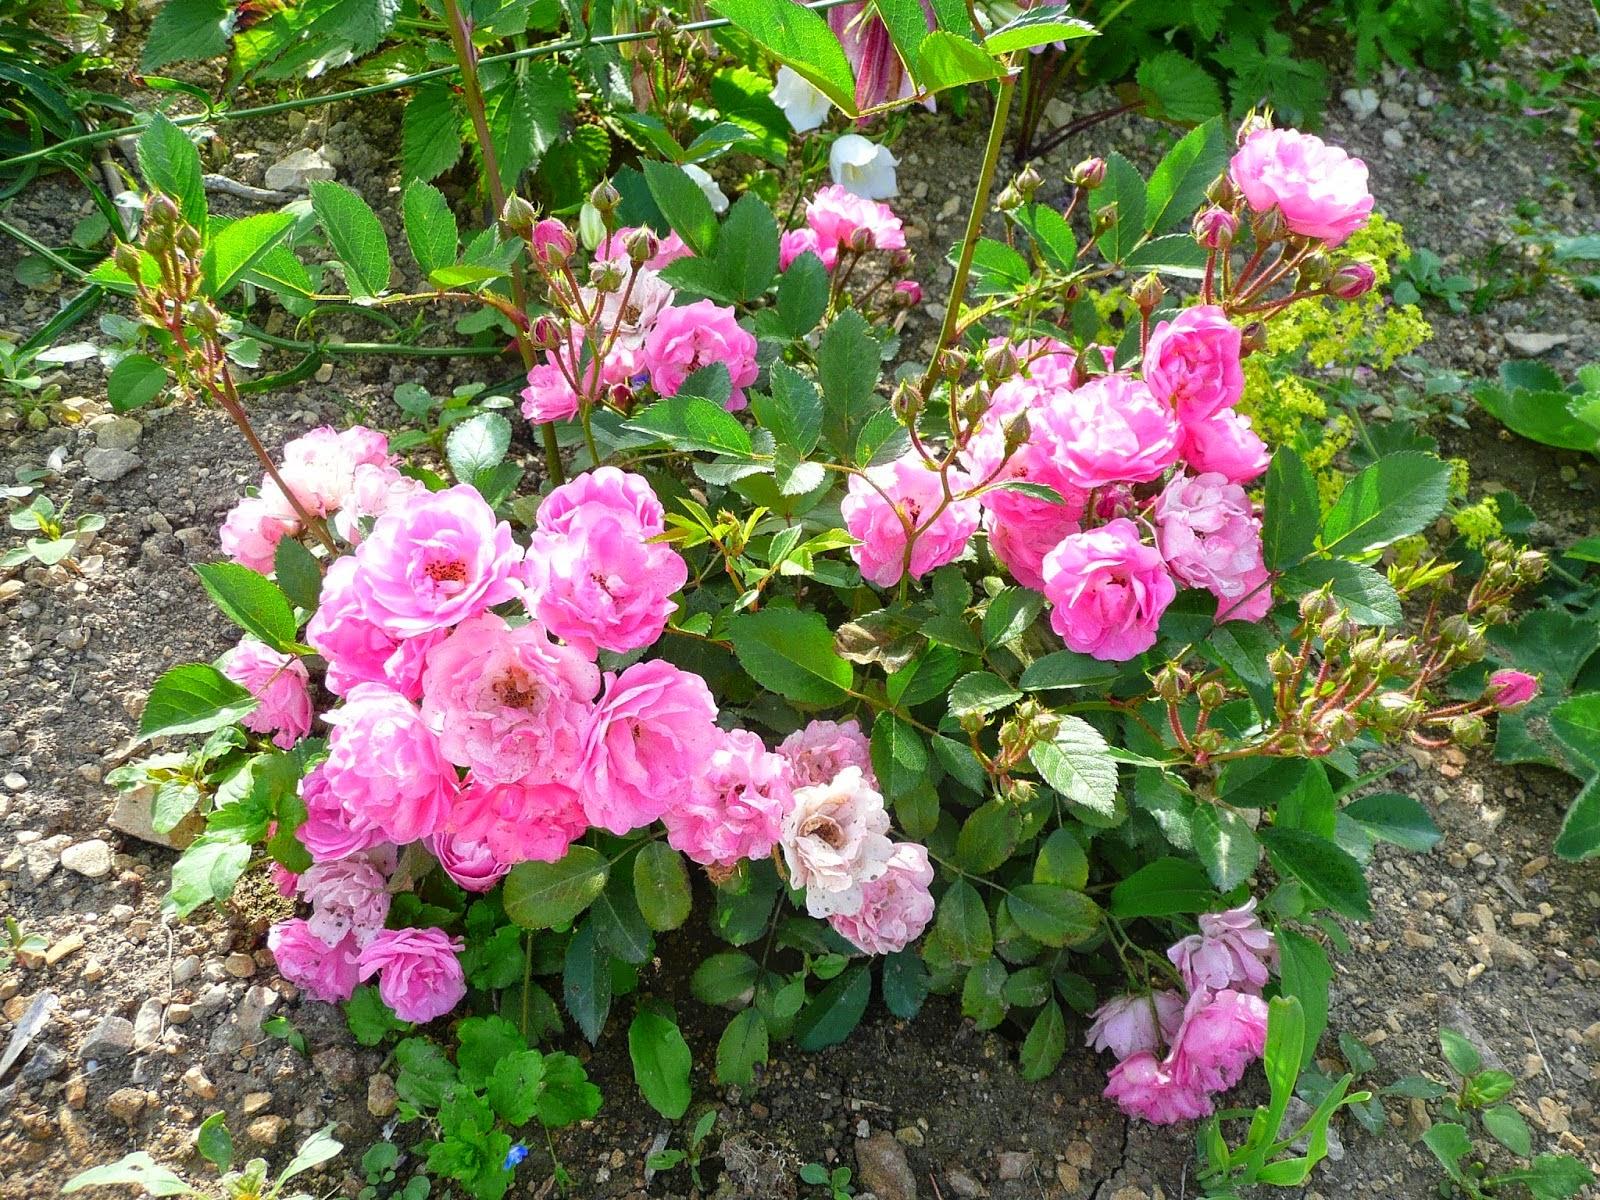 Derri re les murs de mon jardin l automne des nouveaux rosiers 2 - Derriere les murs de mon jardin ...